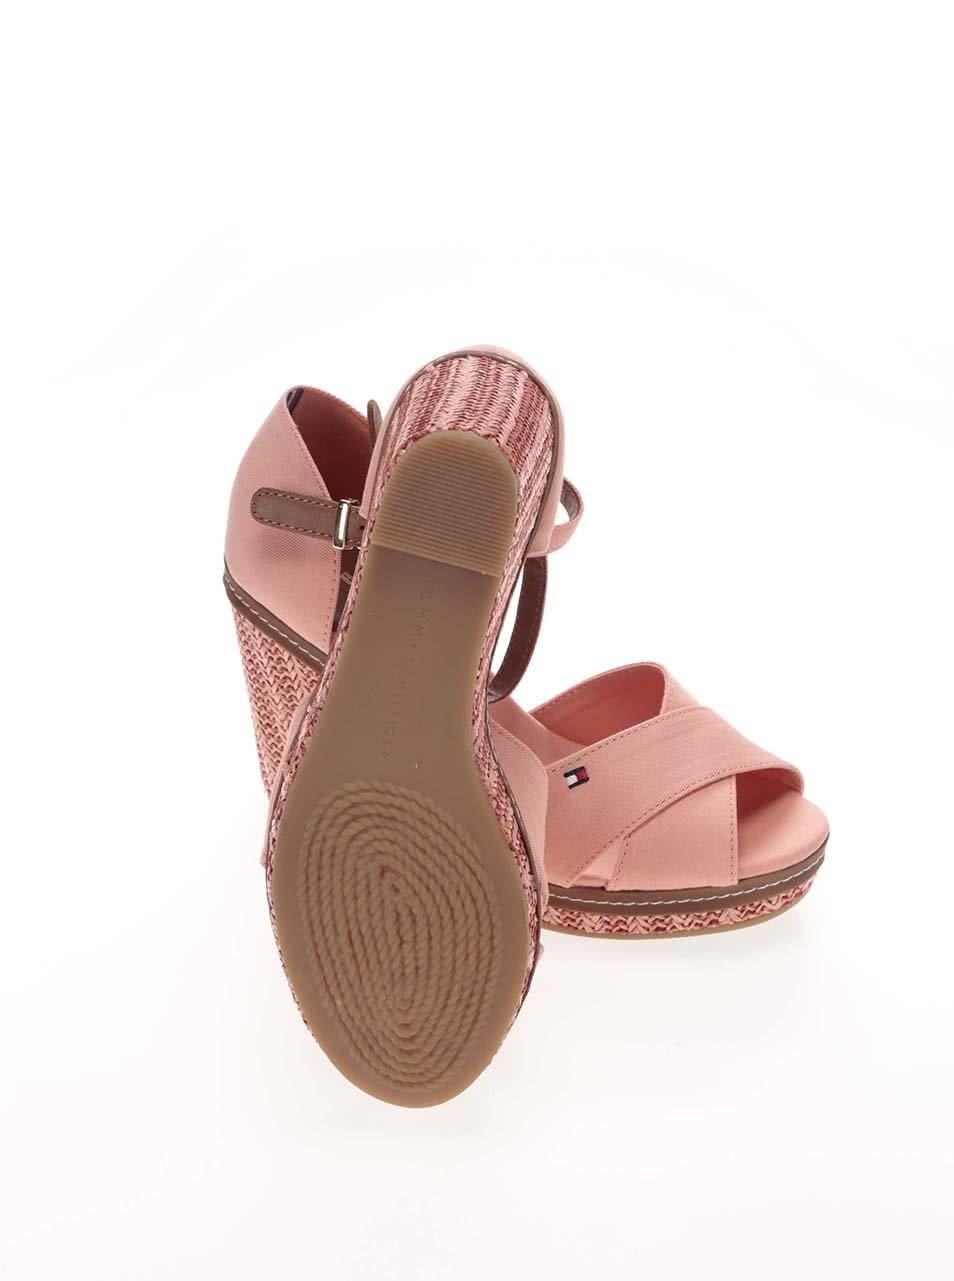 2b7b16b5053 Lososové dámské bavlněné boty na klínku Tommy Hilfiger ...